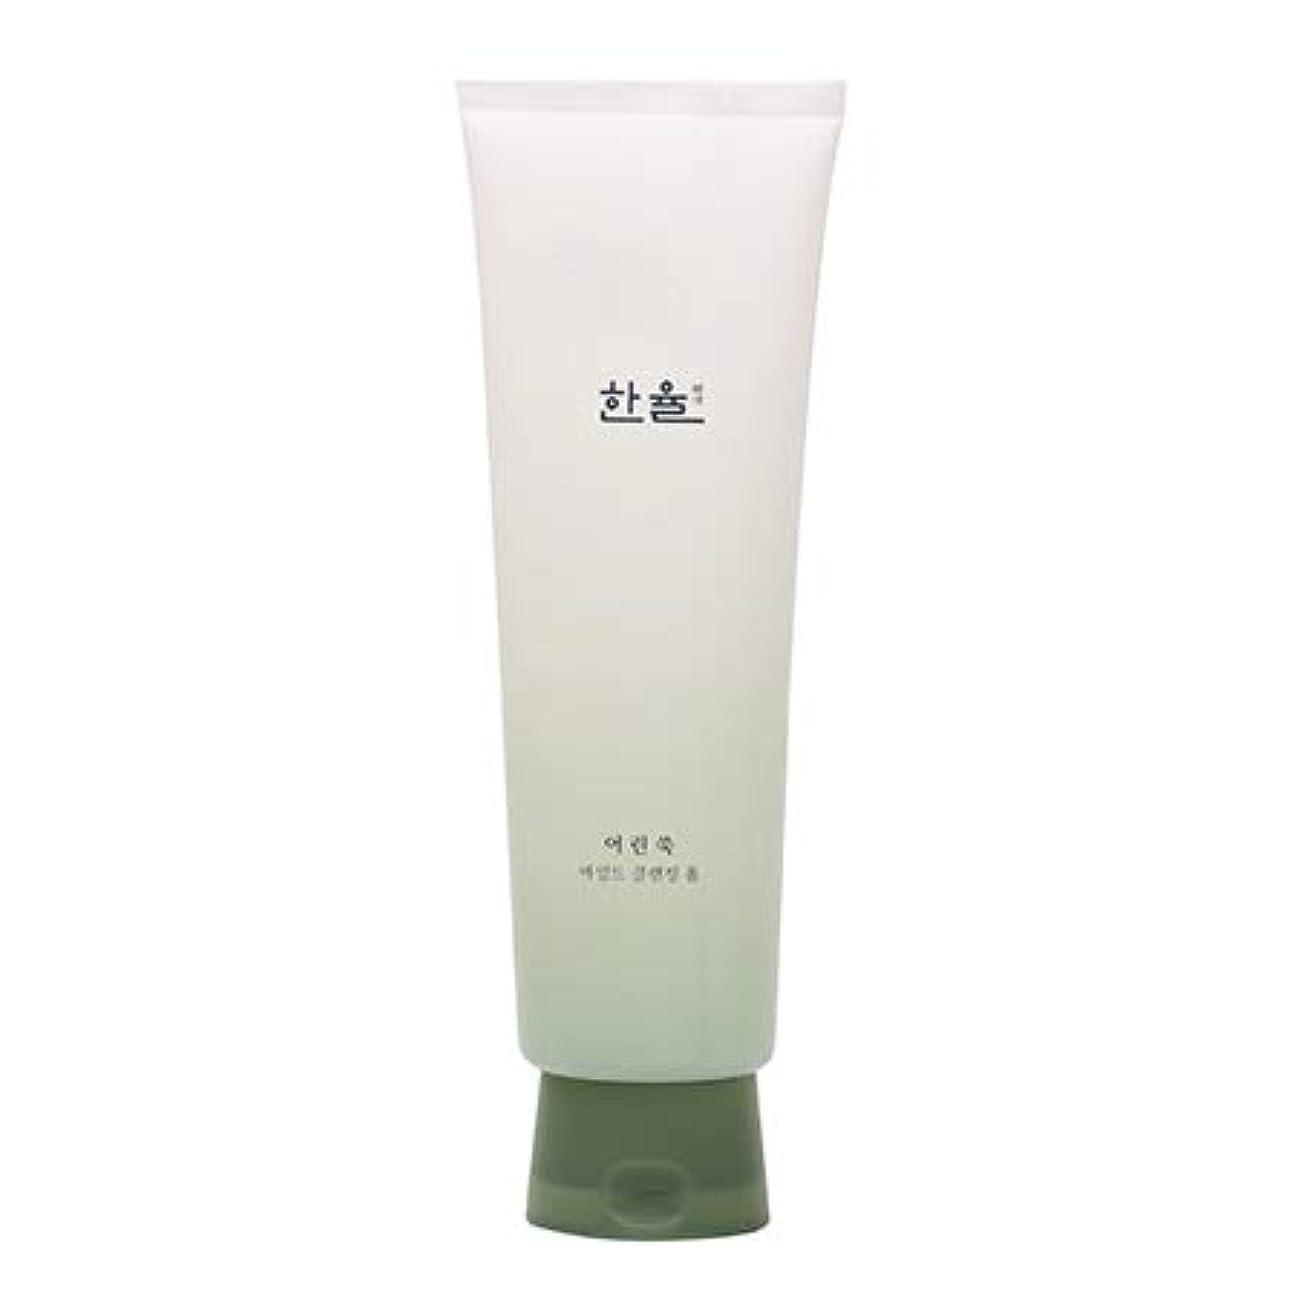 ドック凍るすごいハンユル HANYUL ピュア ヨモギ マイルド クレンジングフォーム Pure Artemisia Mild Cleansing Foam 170ml [並行輸入品]